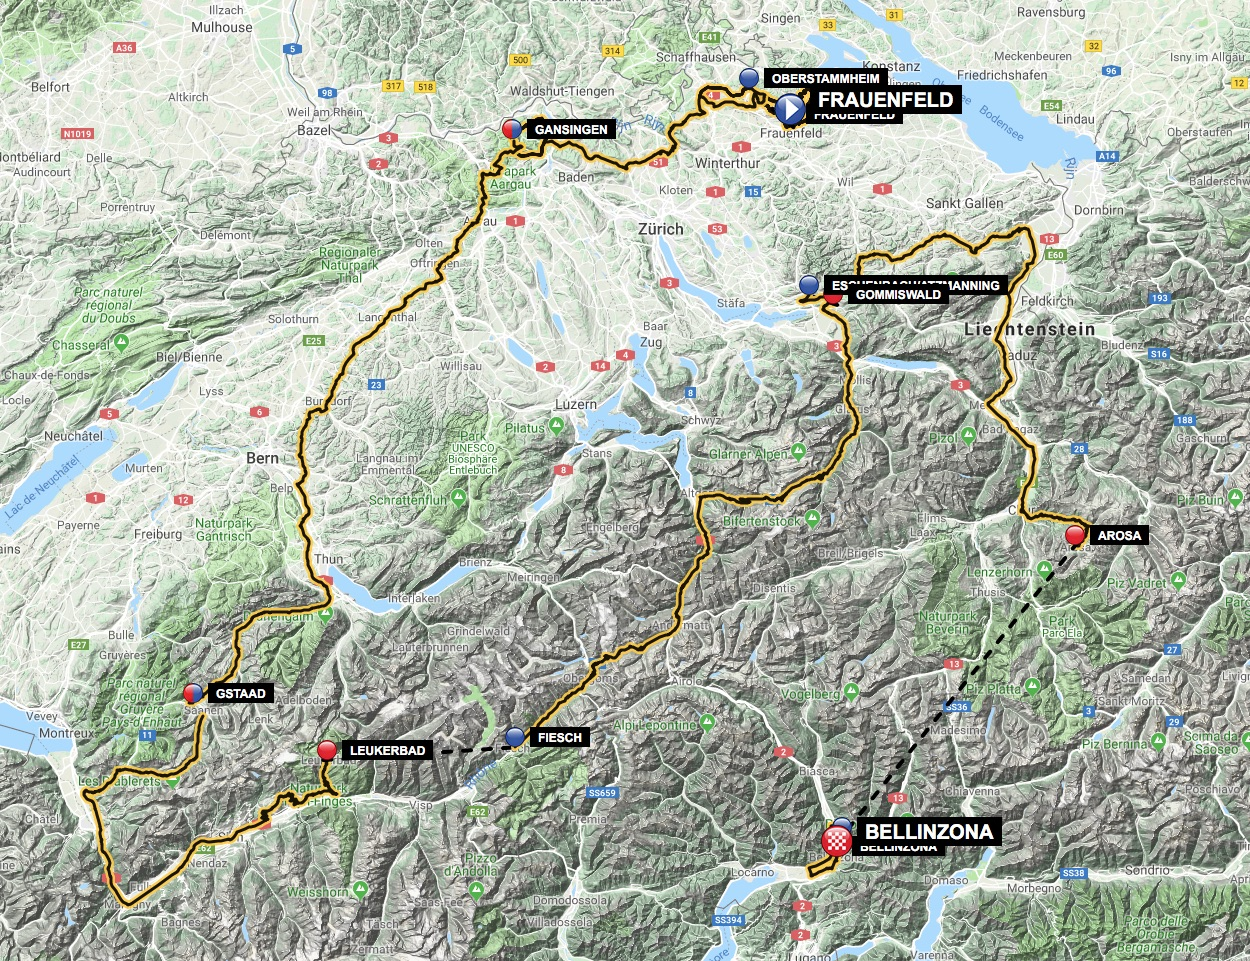 Tour de Suisse Race Route